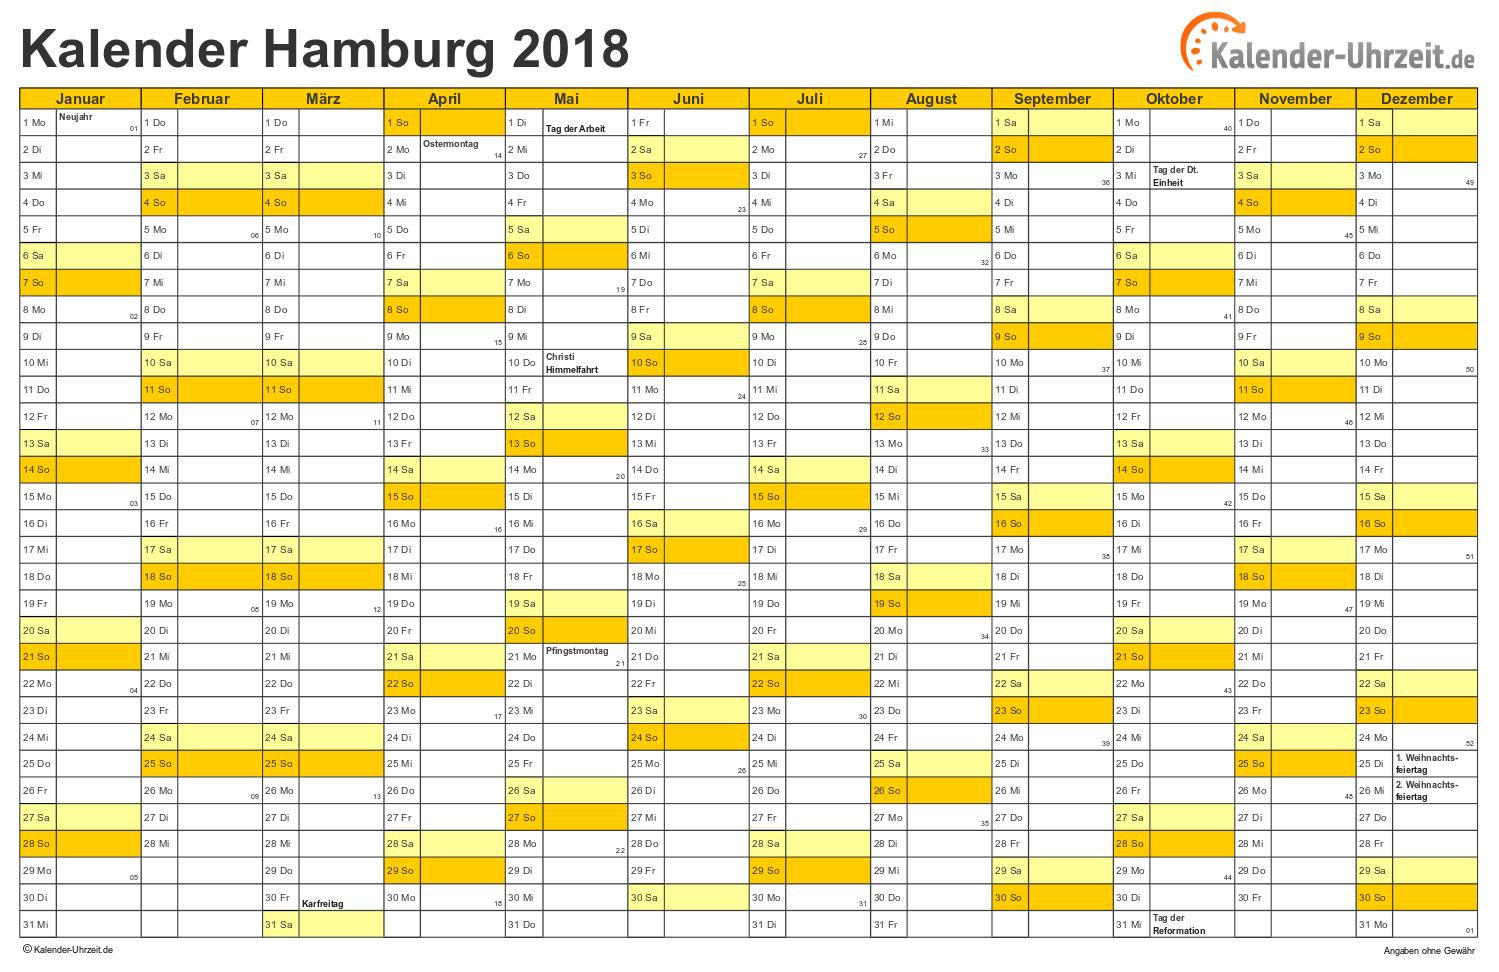 Hamburg Kalender 2018 mit Feiertagen - quer-einseitig